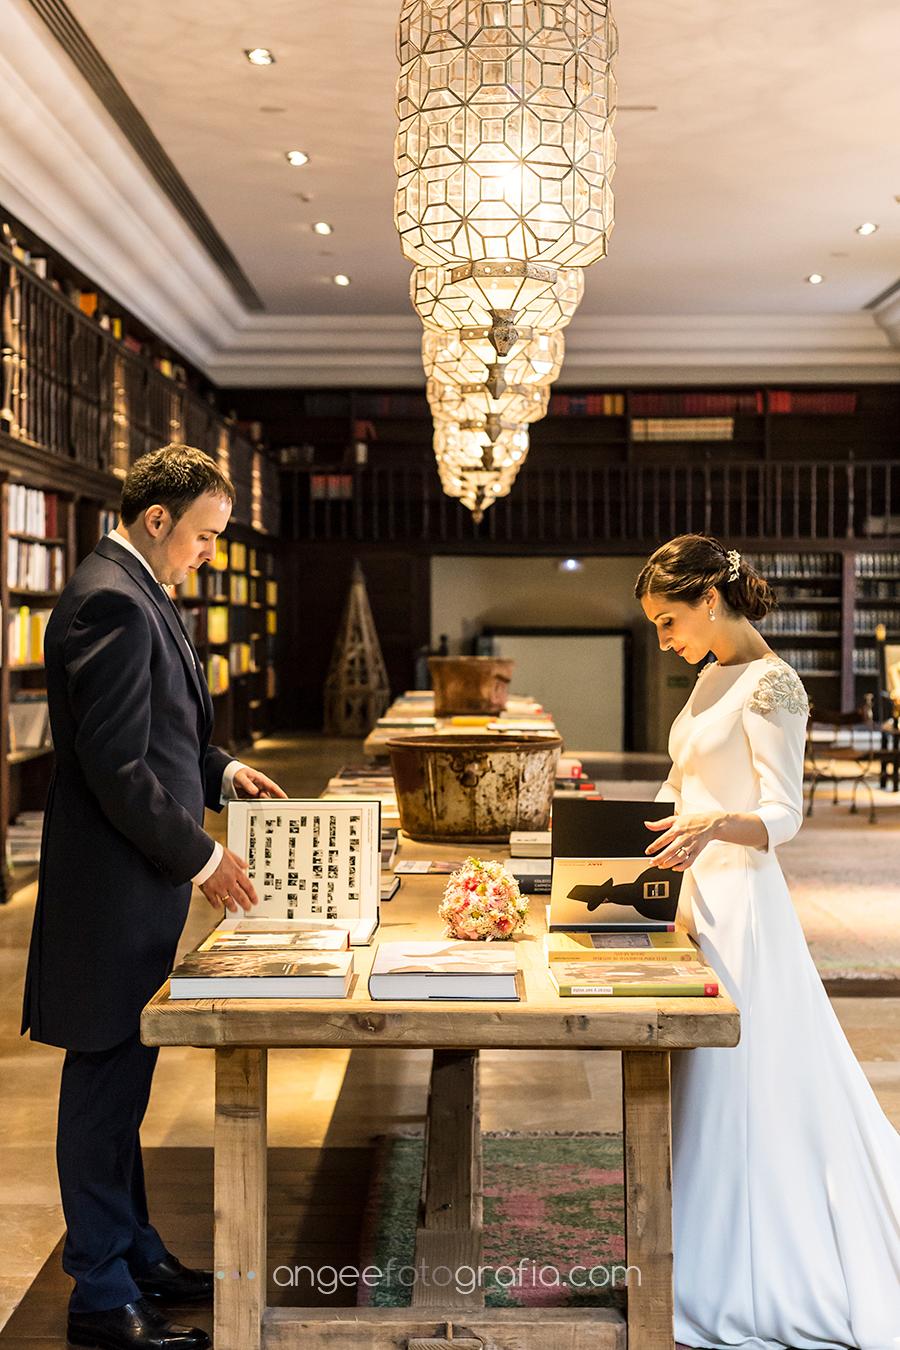 Fotos de recién casados en la boda de Ana y Bruno en el Parador Monasterio de Corias Biblioteca Ana y Bruno angeefotografia.com